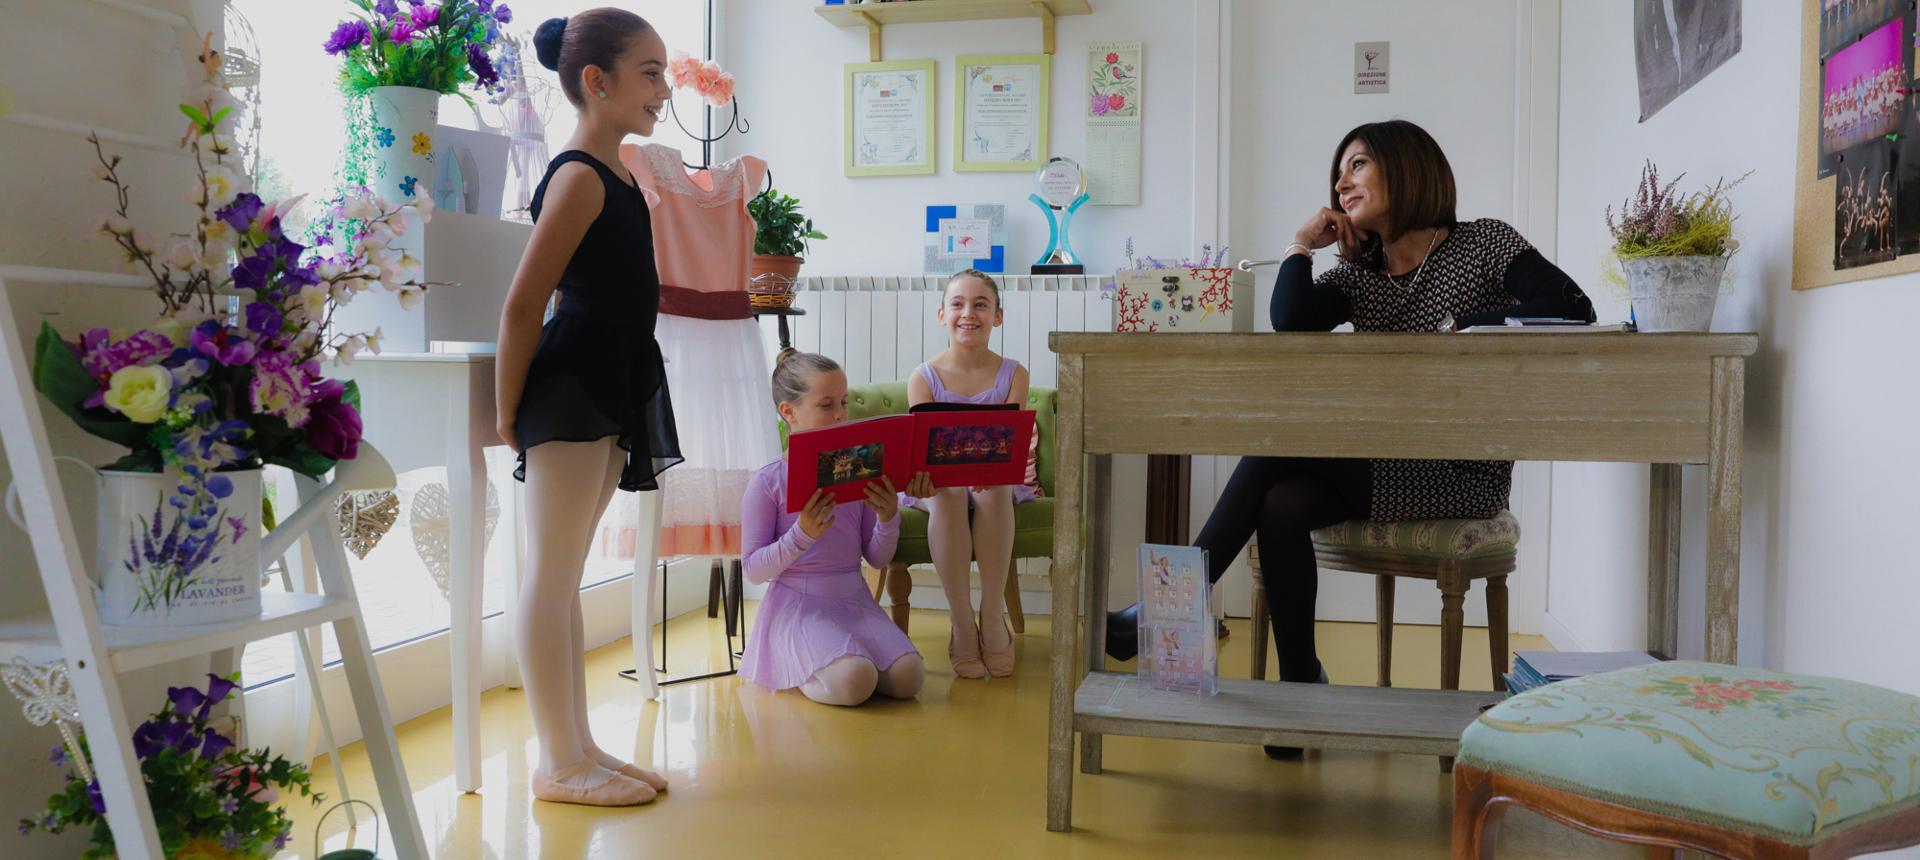 Sala accoglienza della scuola di danza